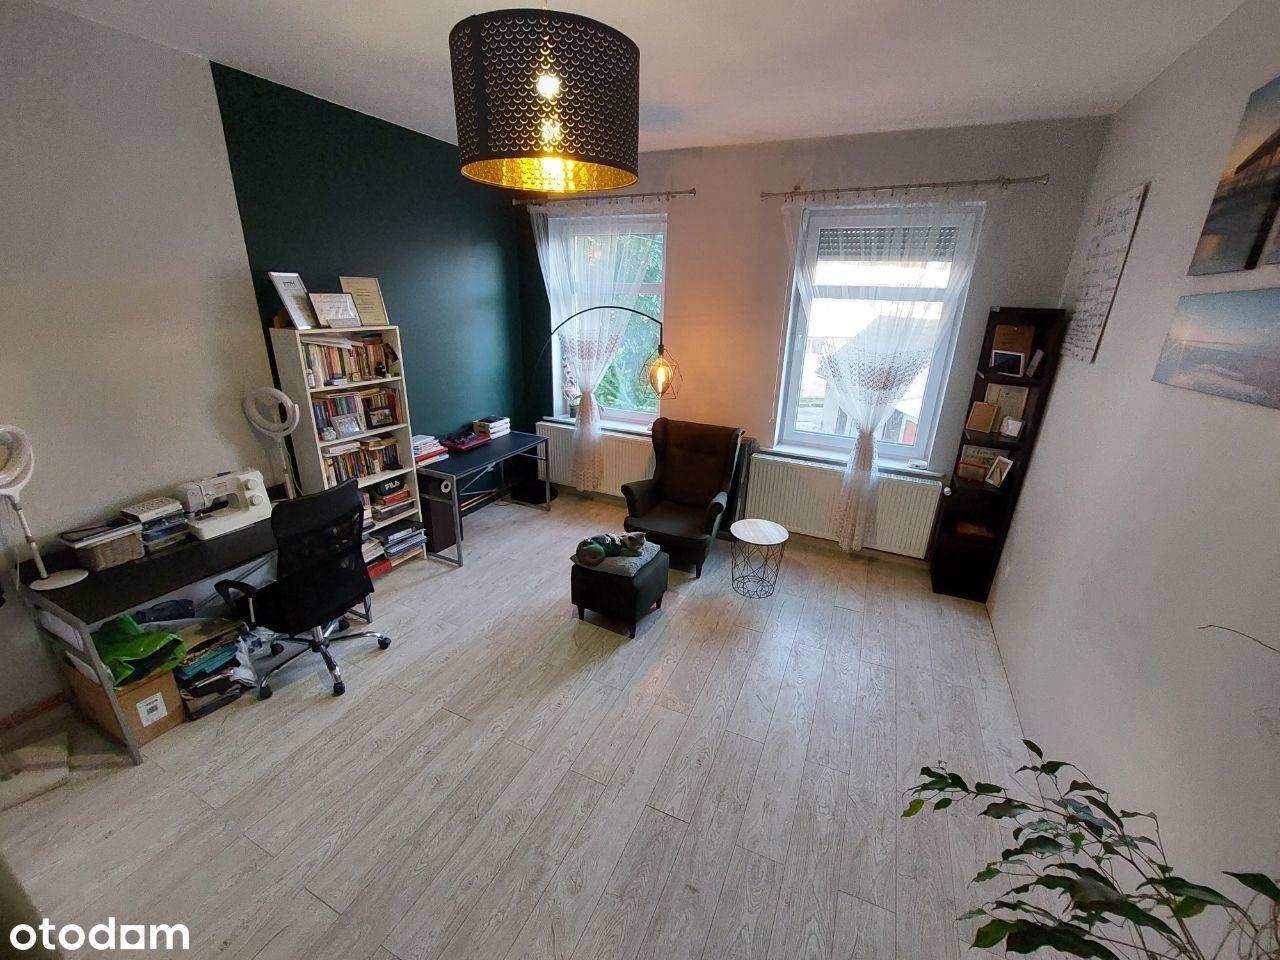 3-pokojowe mieszkanie po kapitalnym remoncie